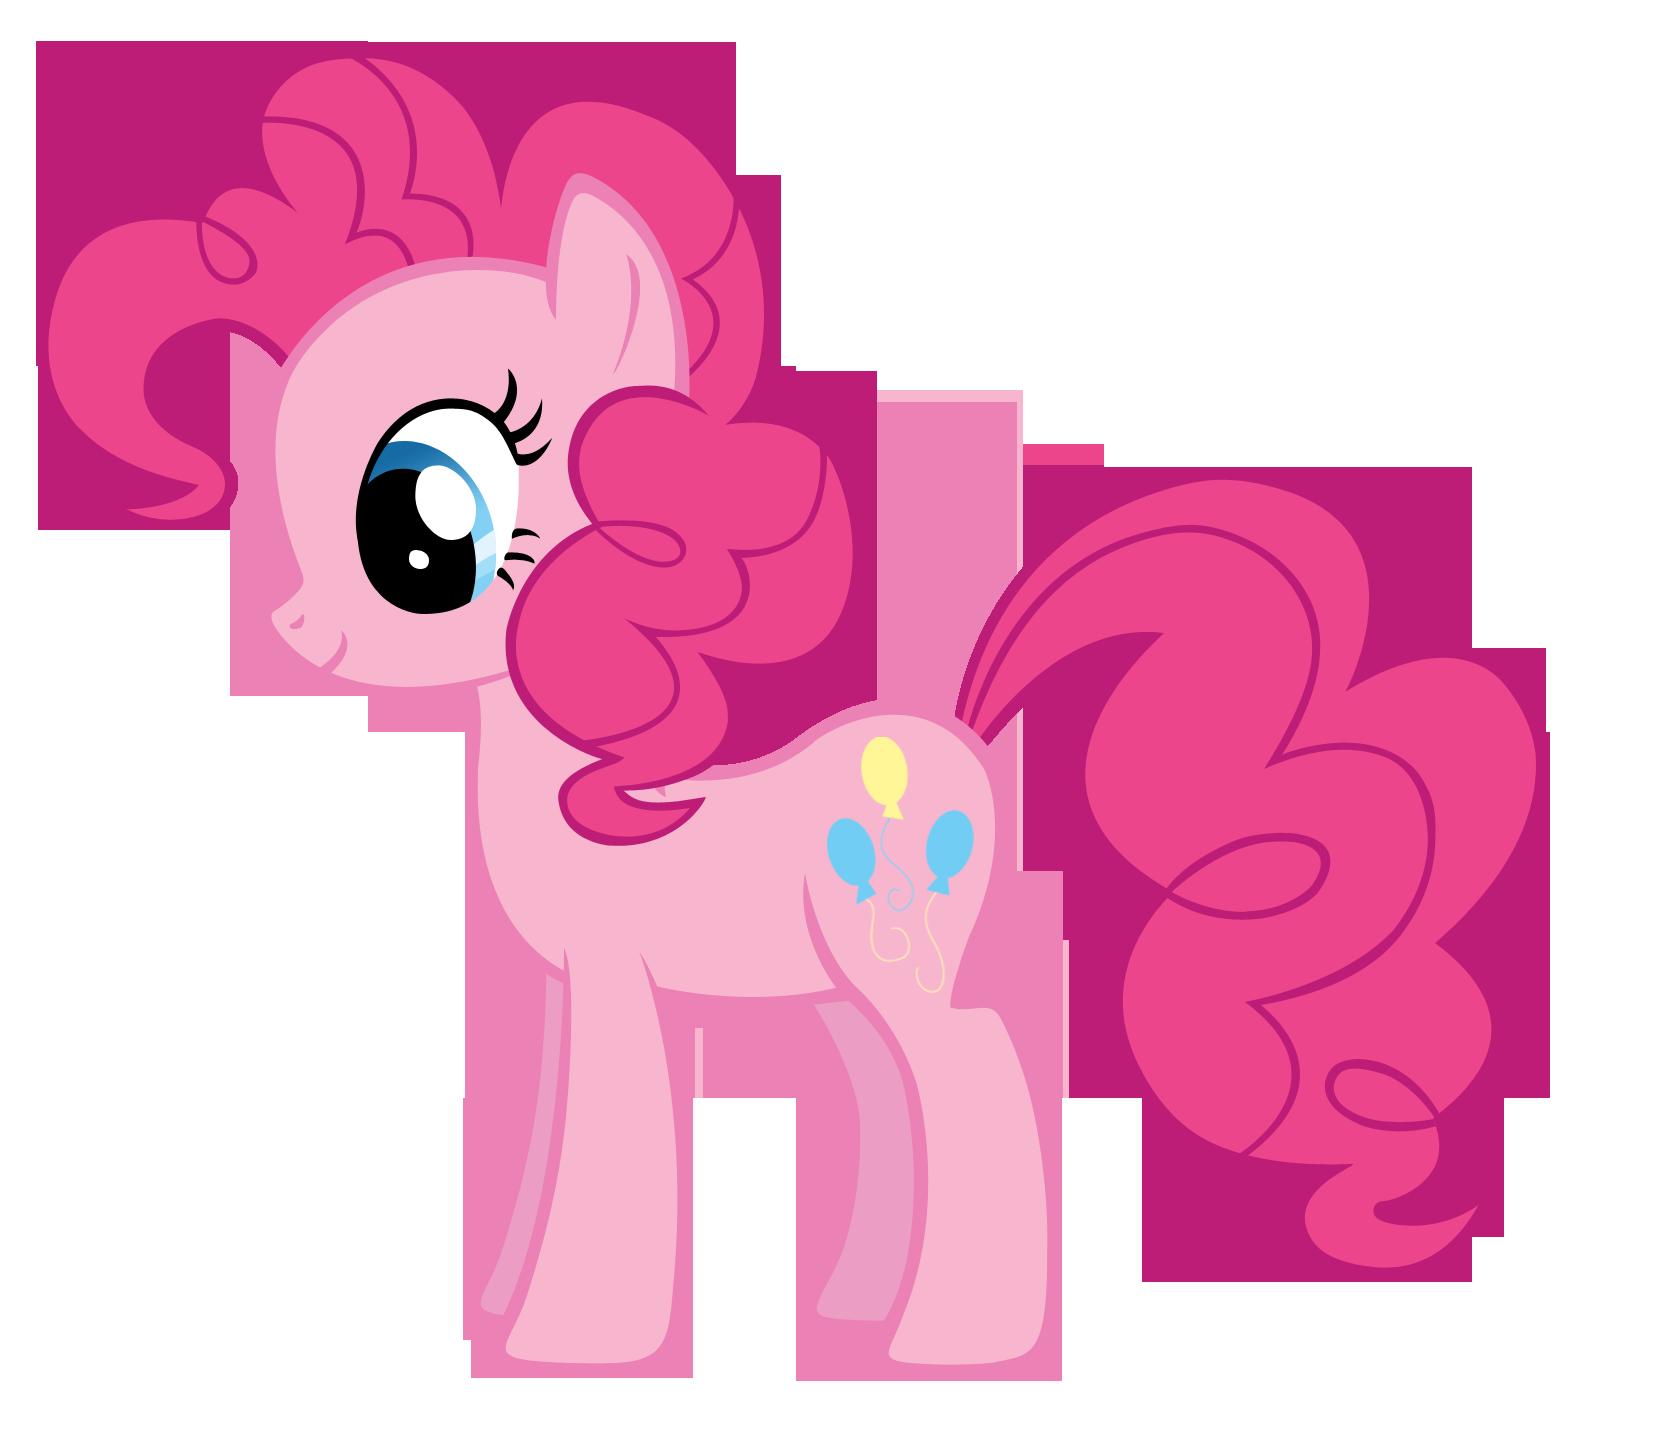 Pinkypie_